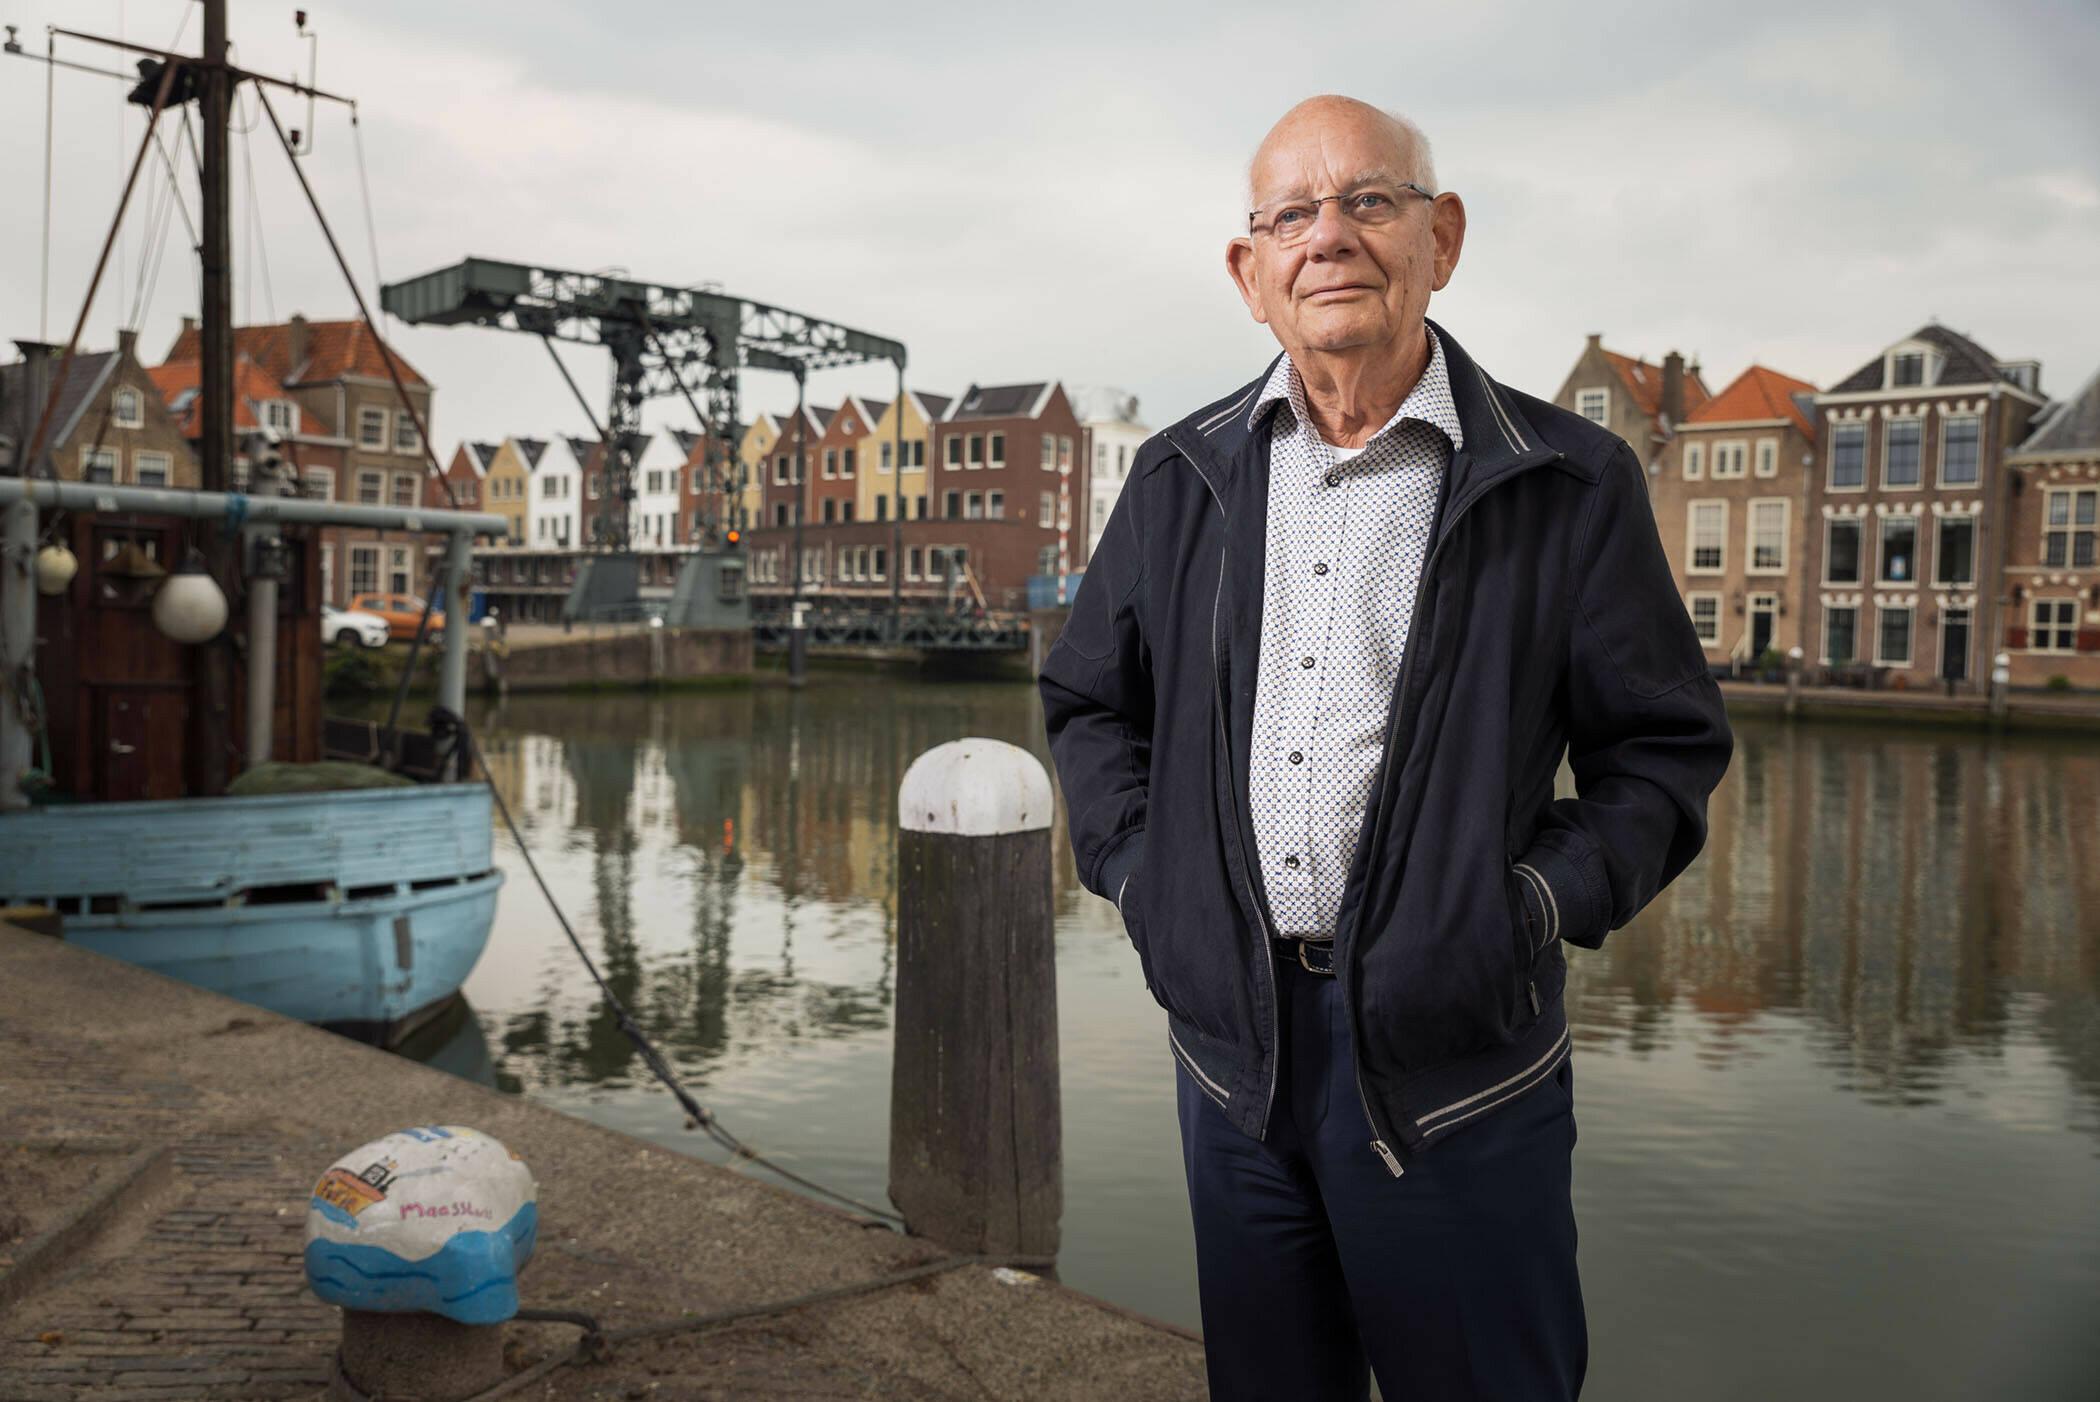 Foto van Piet Stamperius voor een binnenhaven.